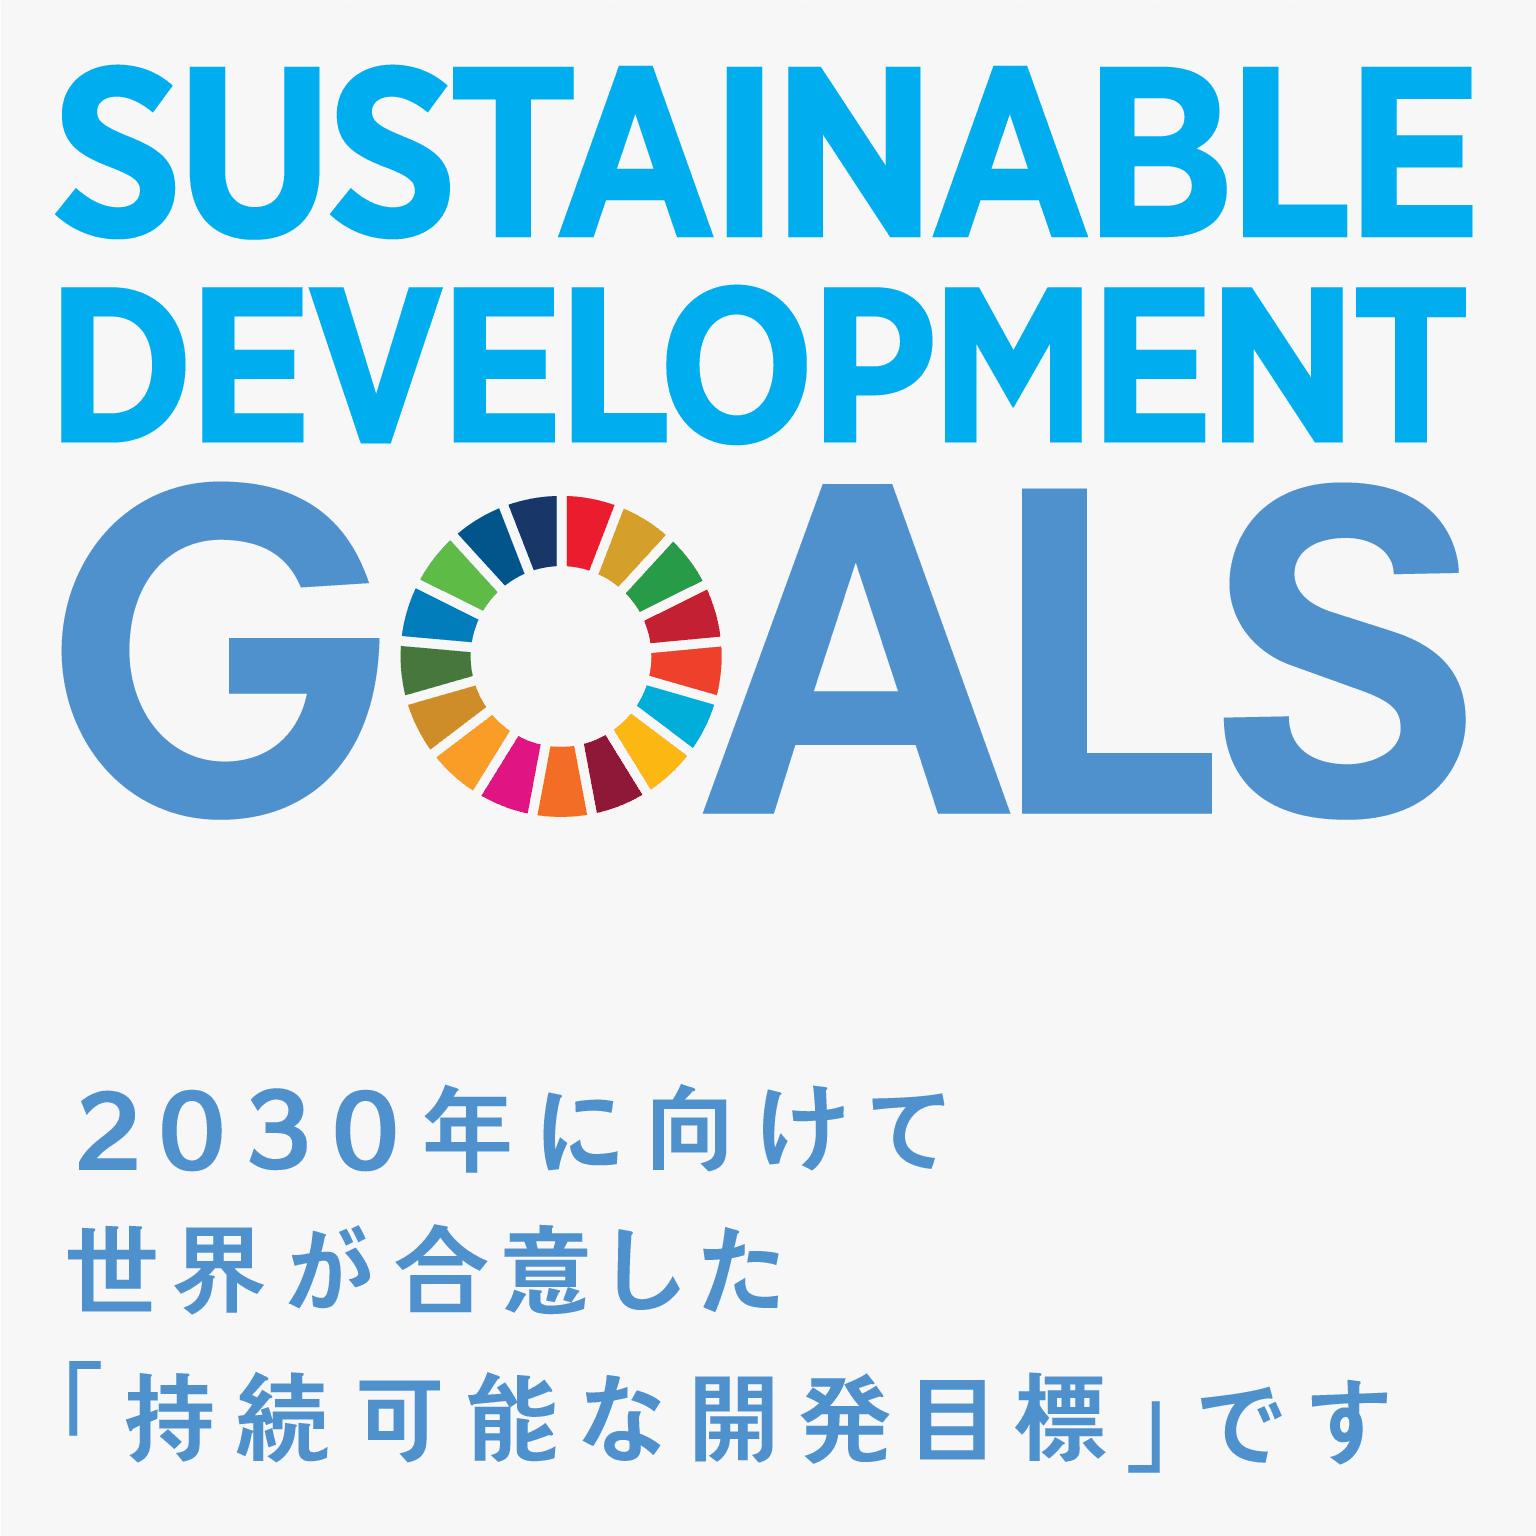 レインボーグループ SDGs への取り組み